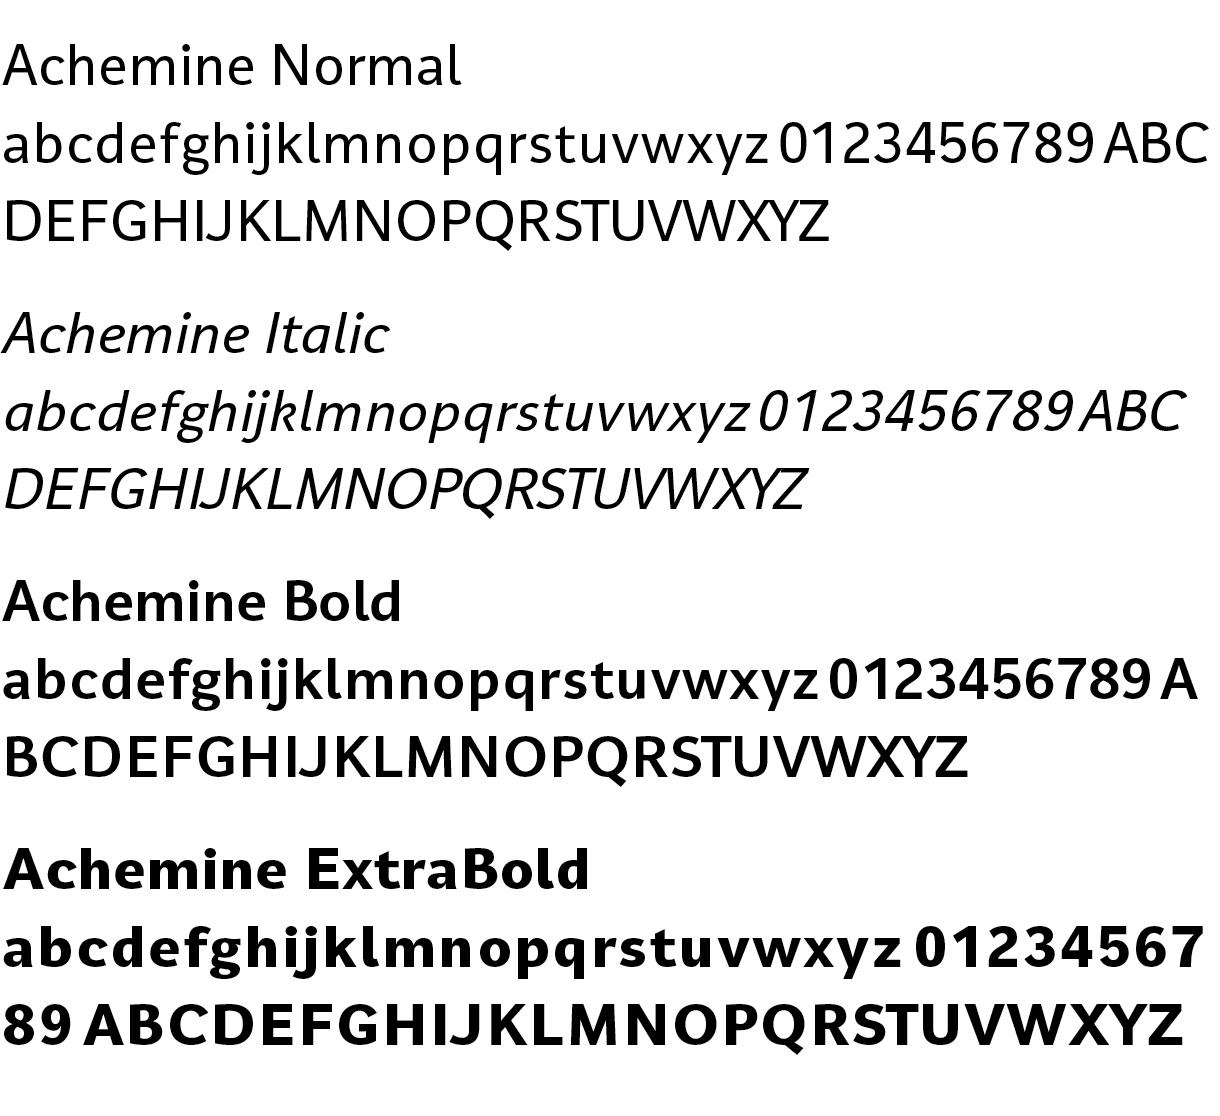 Achemine_2